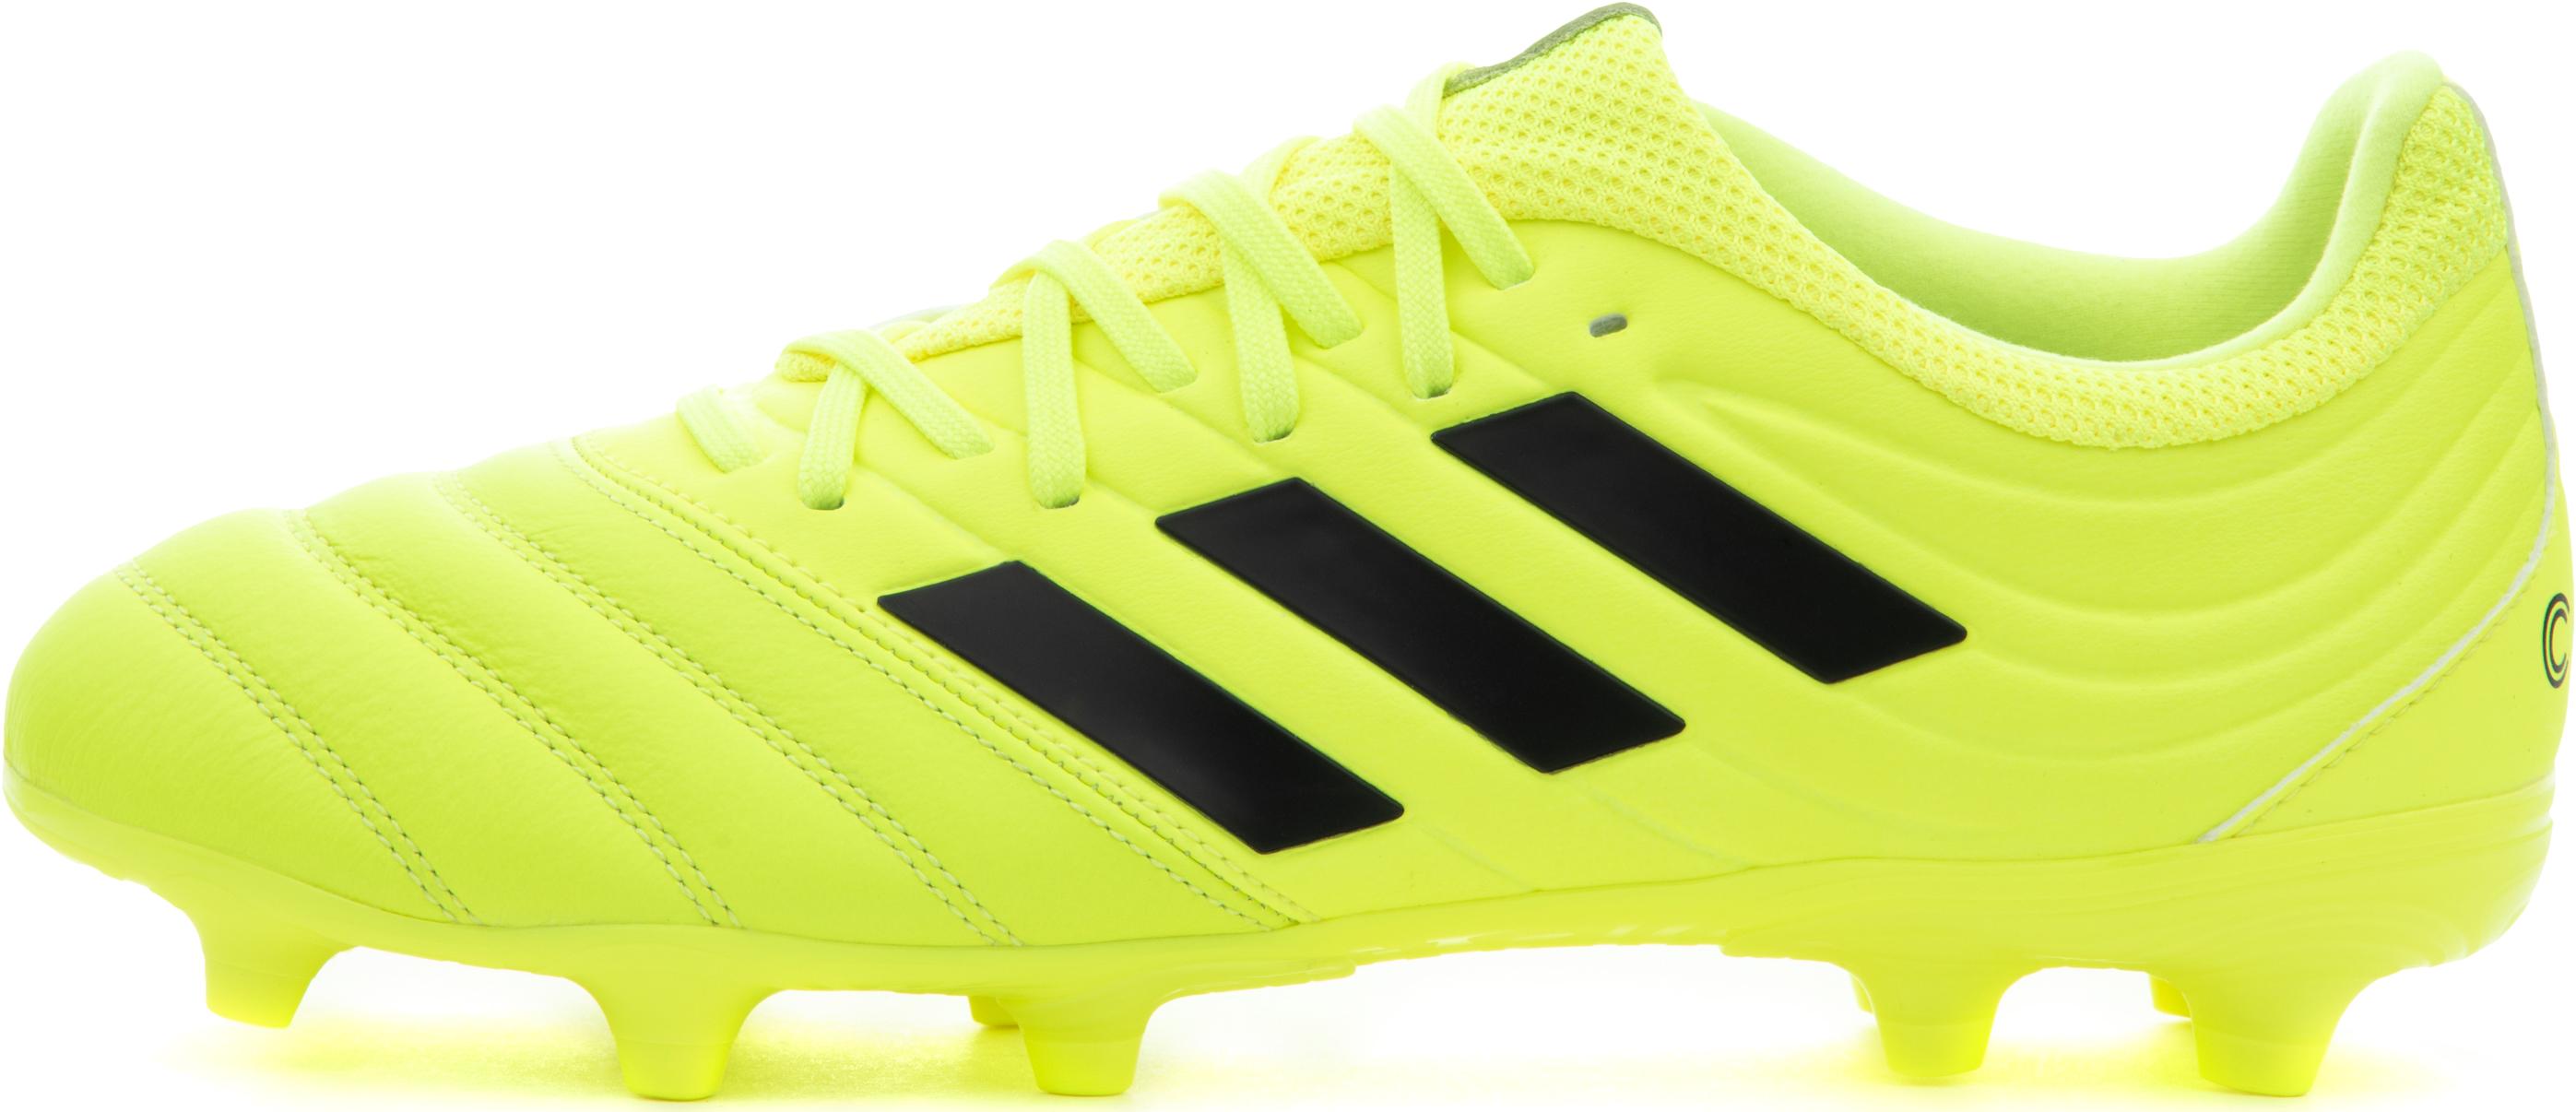 Adidas Бутсы мужские Copa 19.3 FG, размер 44,5